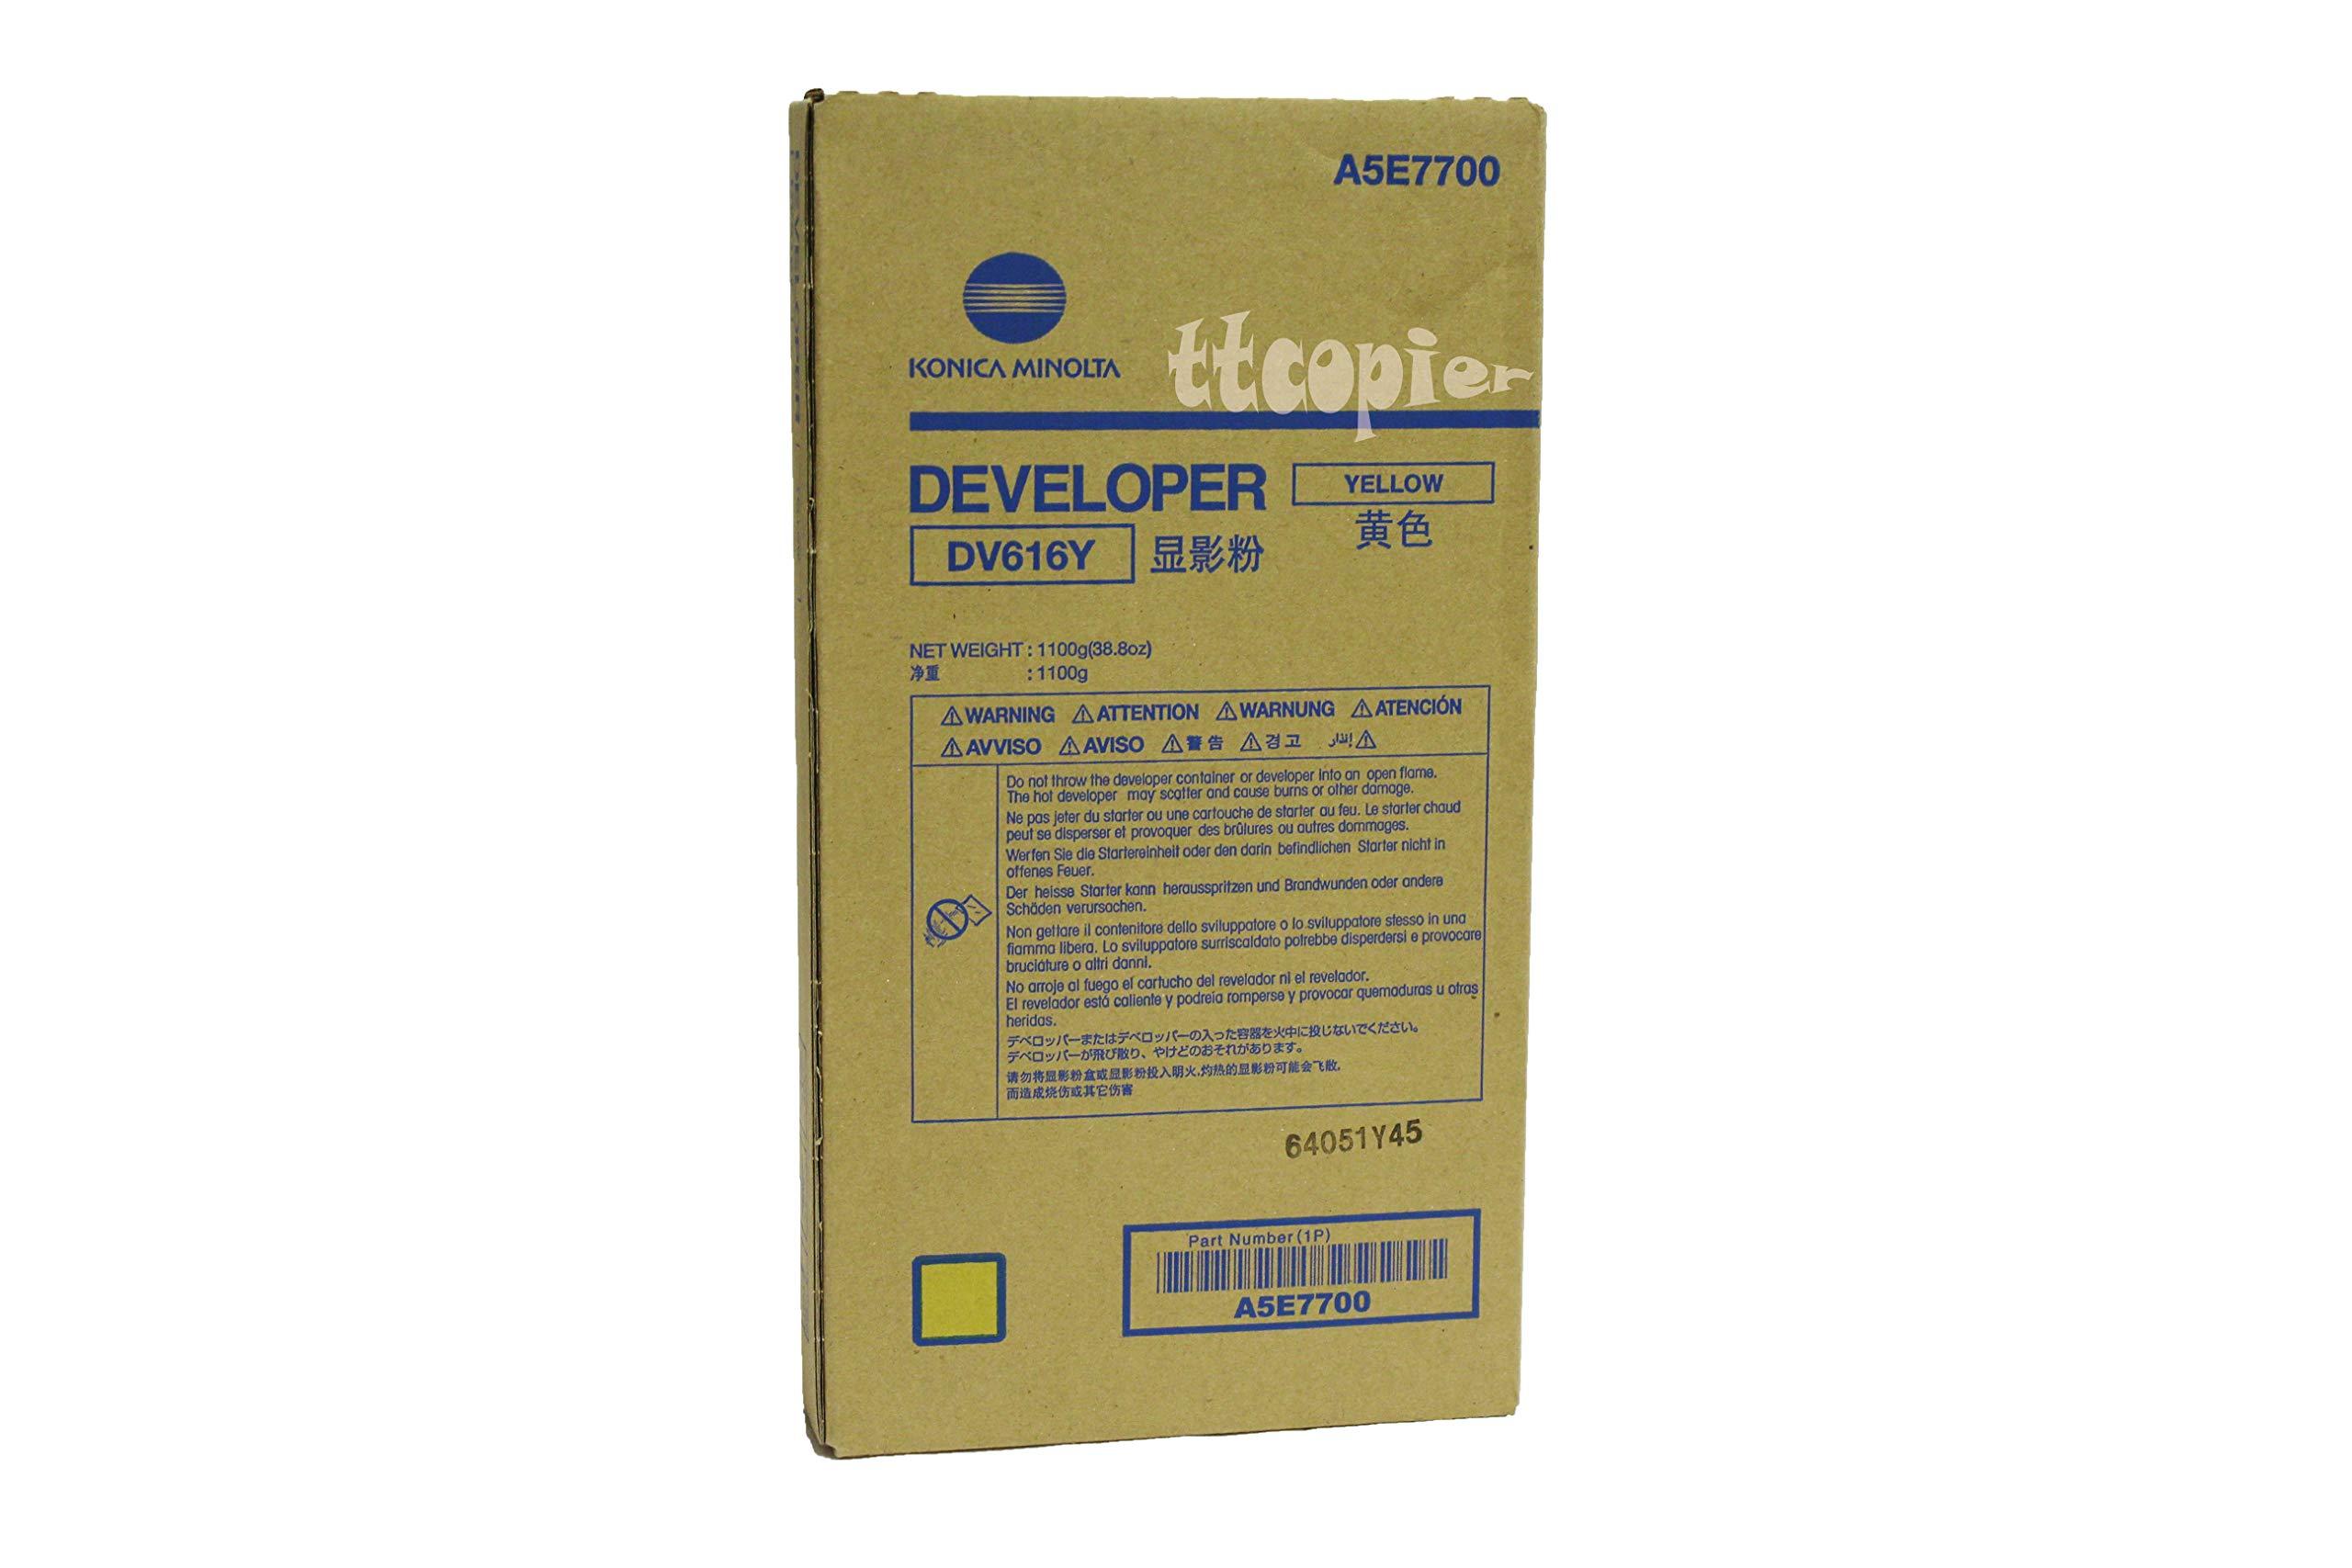 Genuine Konica Minolta A5E7700 DV616Y Yellow Developer for C1085 C1100